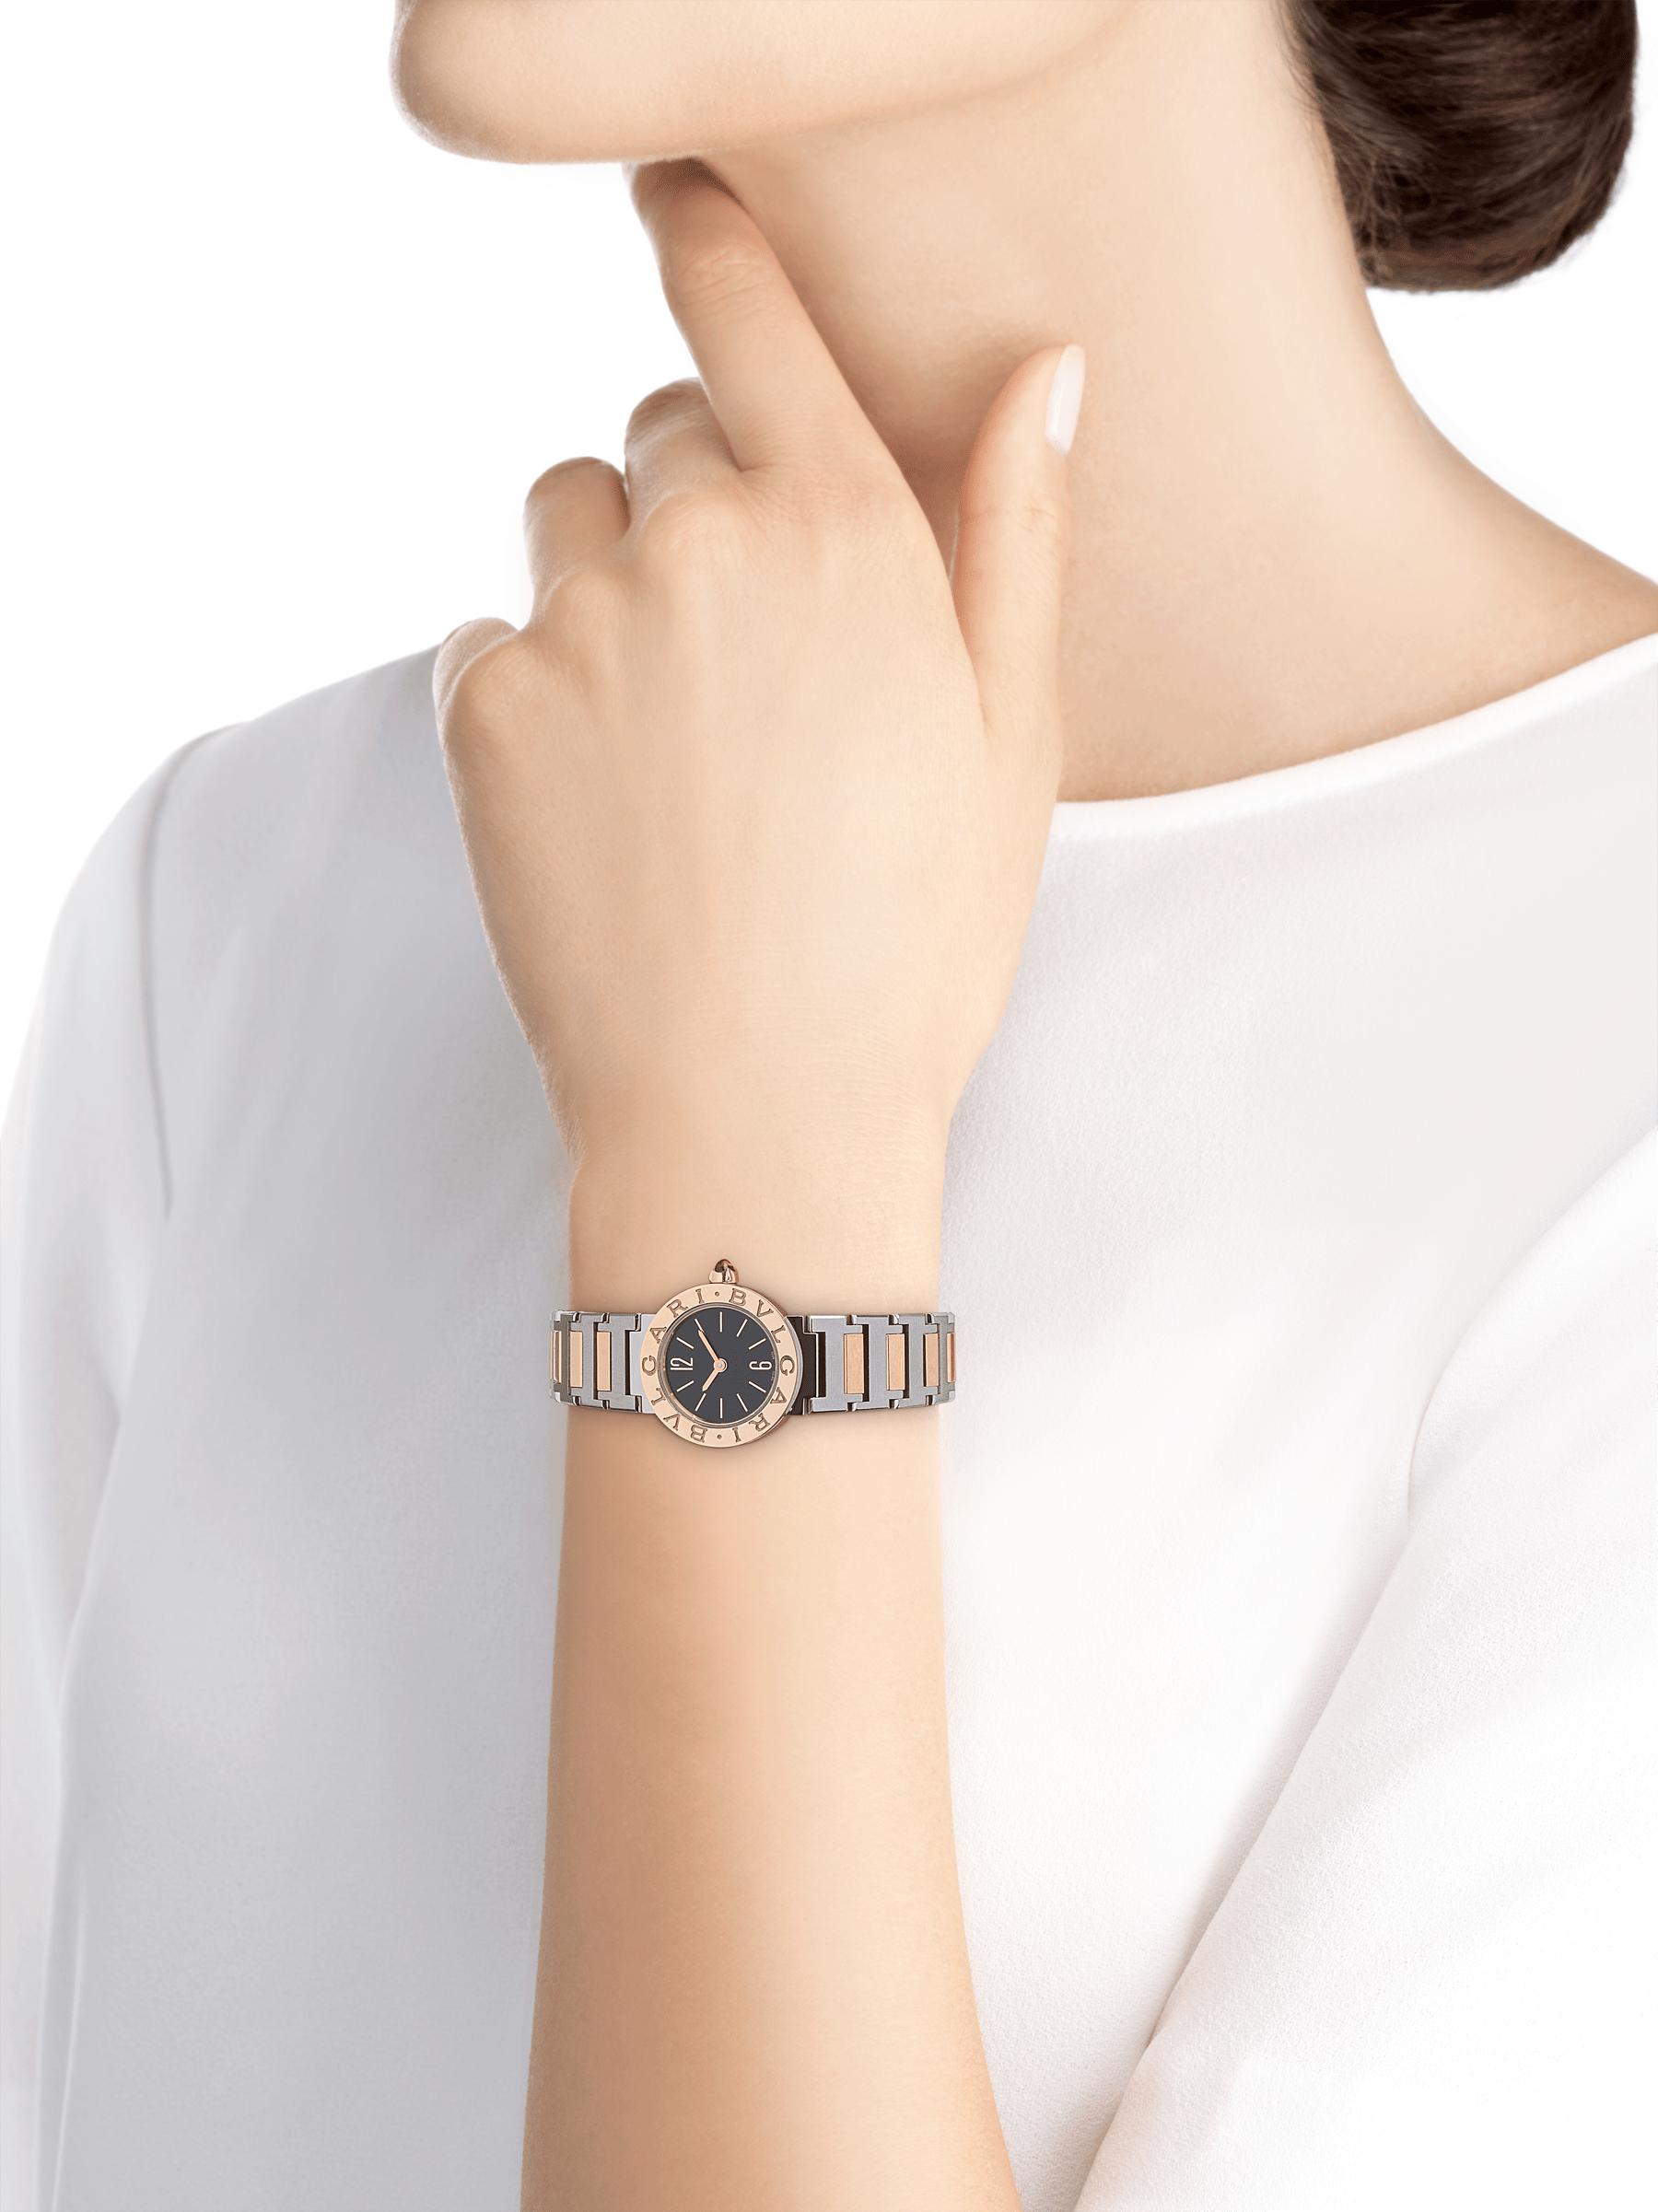 Relógio BVLGARI BVLGARI LADY com caixa em aço inoxidável, bezel em ouro rosa 18K gravado com o logotipo duplo, mostrador preto laqueado e pulseira em ouro rosa 18K e aço inoxidável 102944 image 3